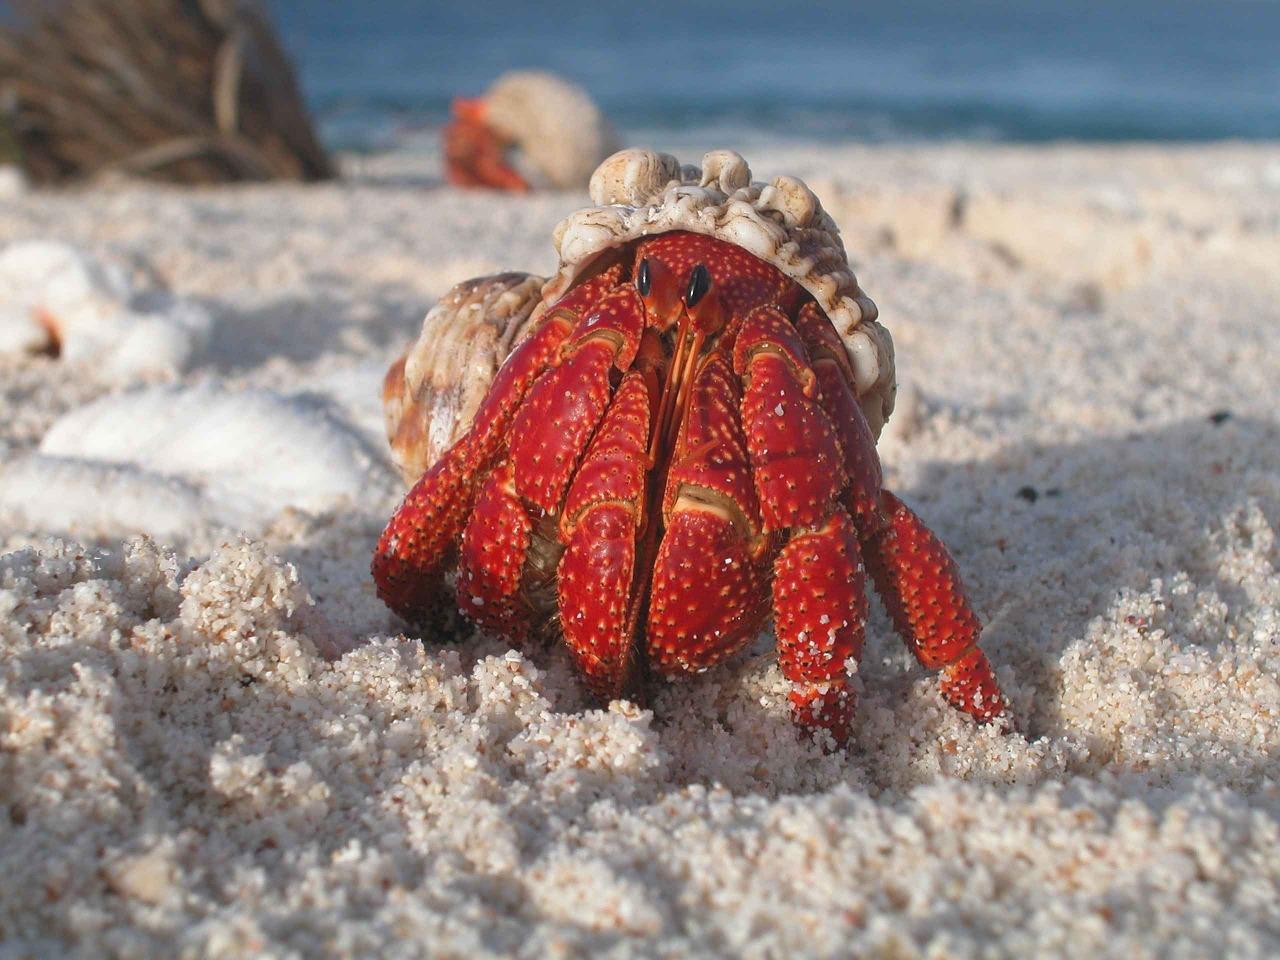 How do hermit crabs poop